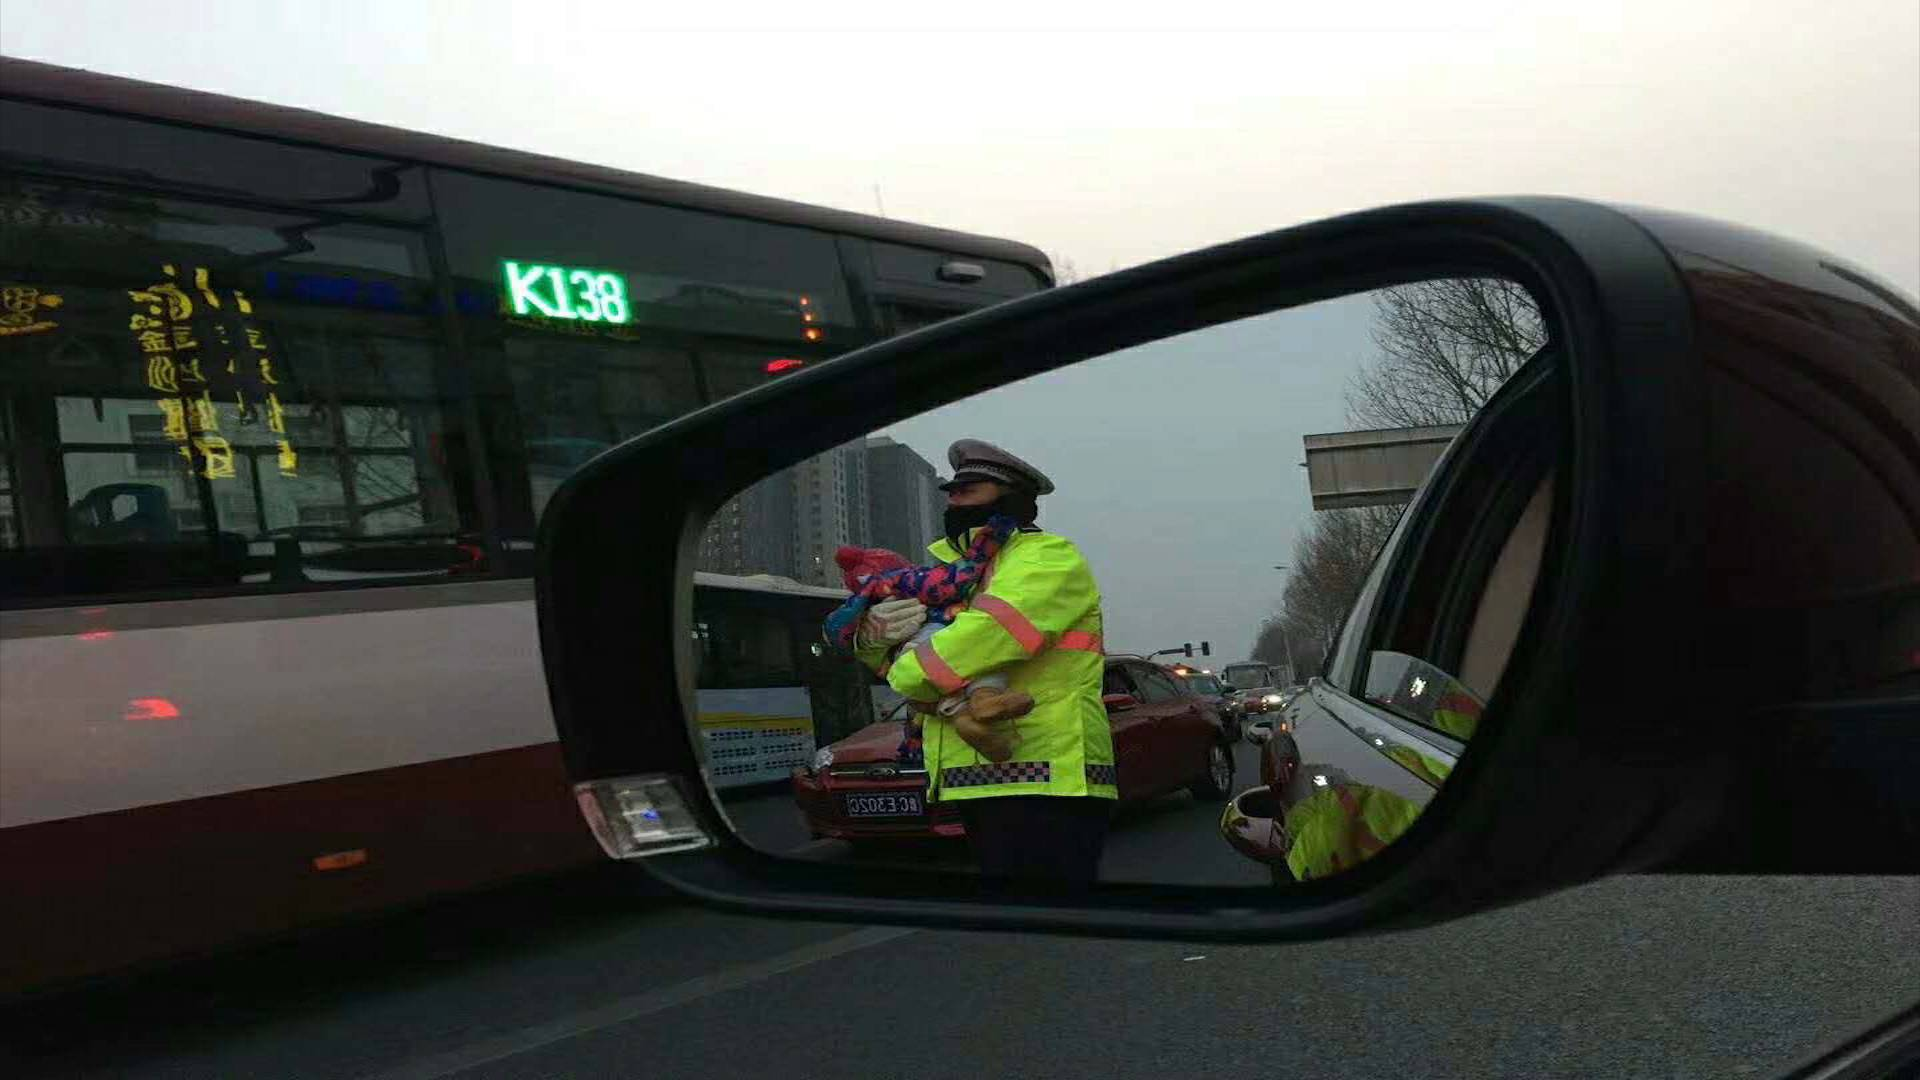 41秒| 淄博暖心协警抱娃指挥交通 帮事故司机照顾受惊孩子